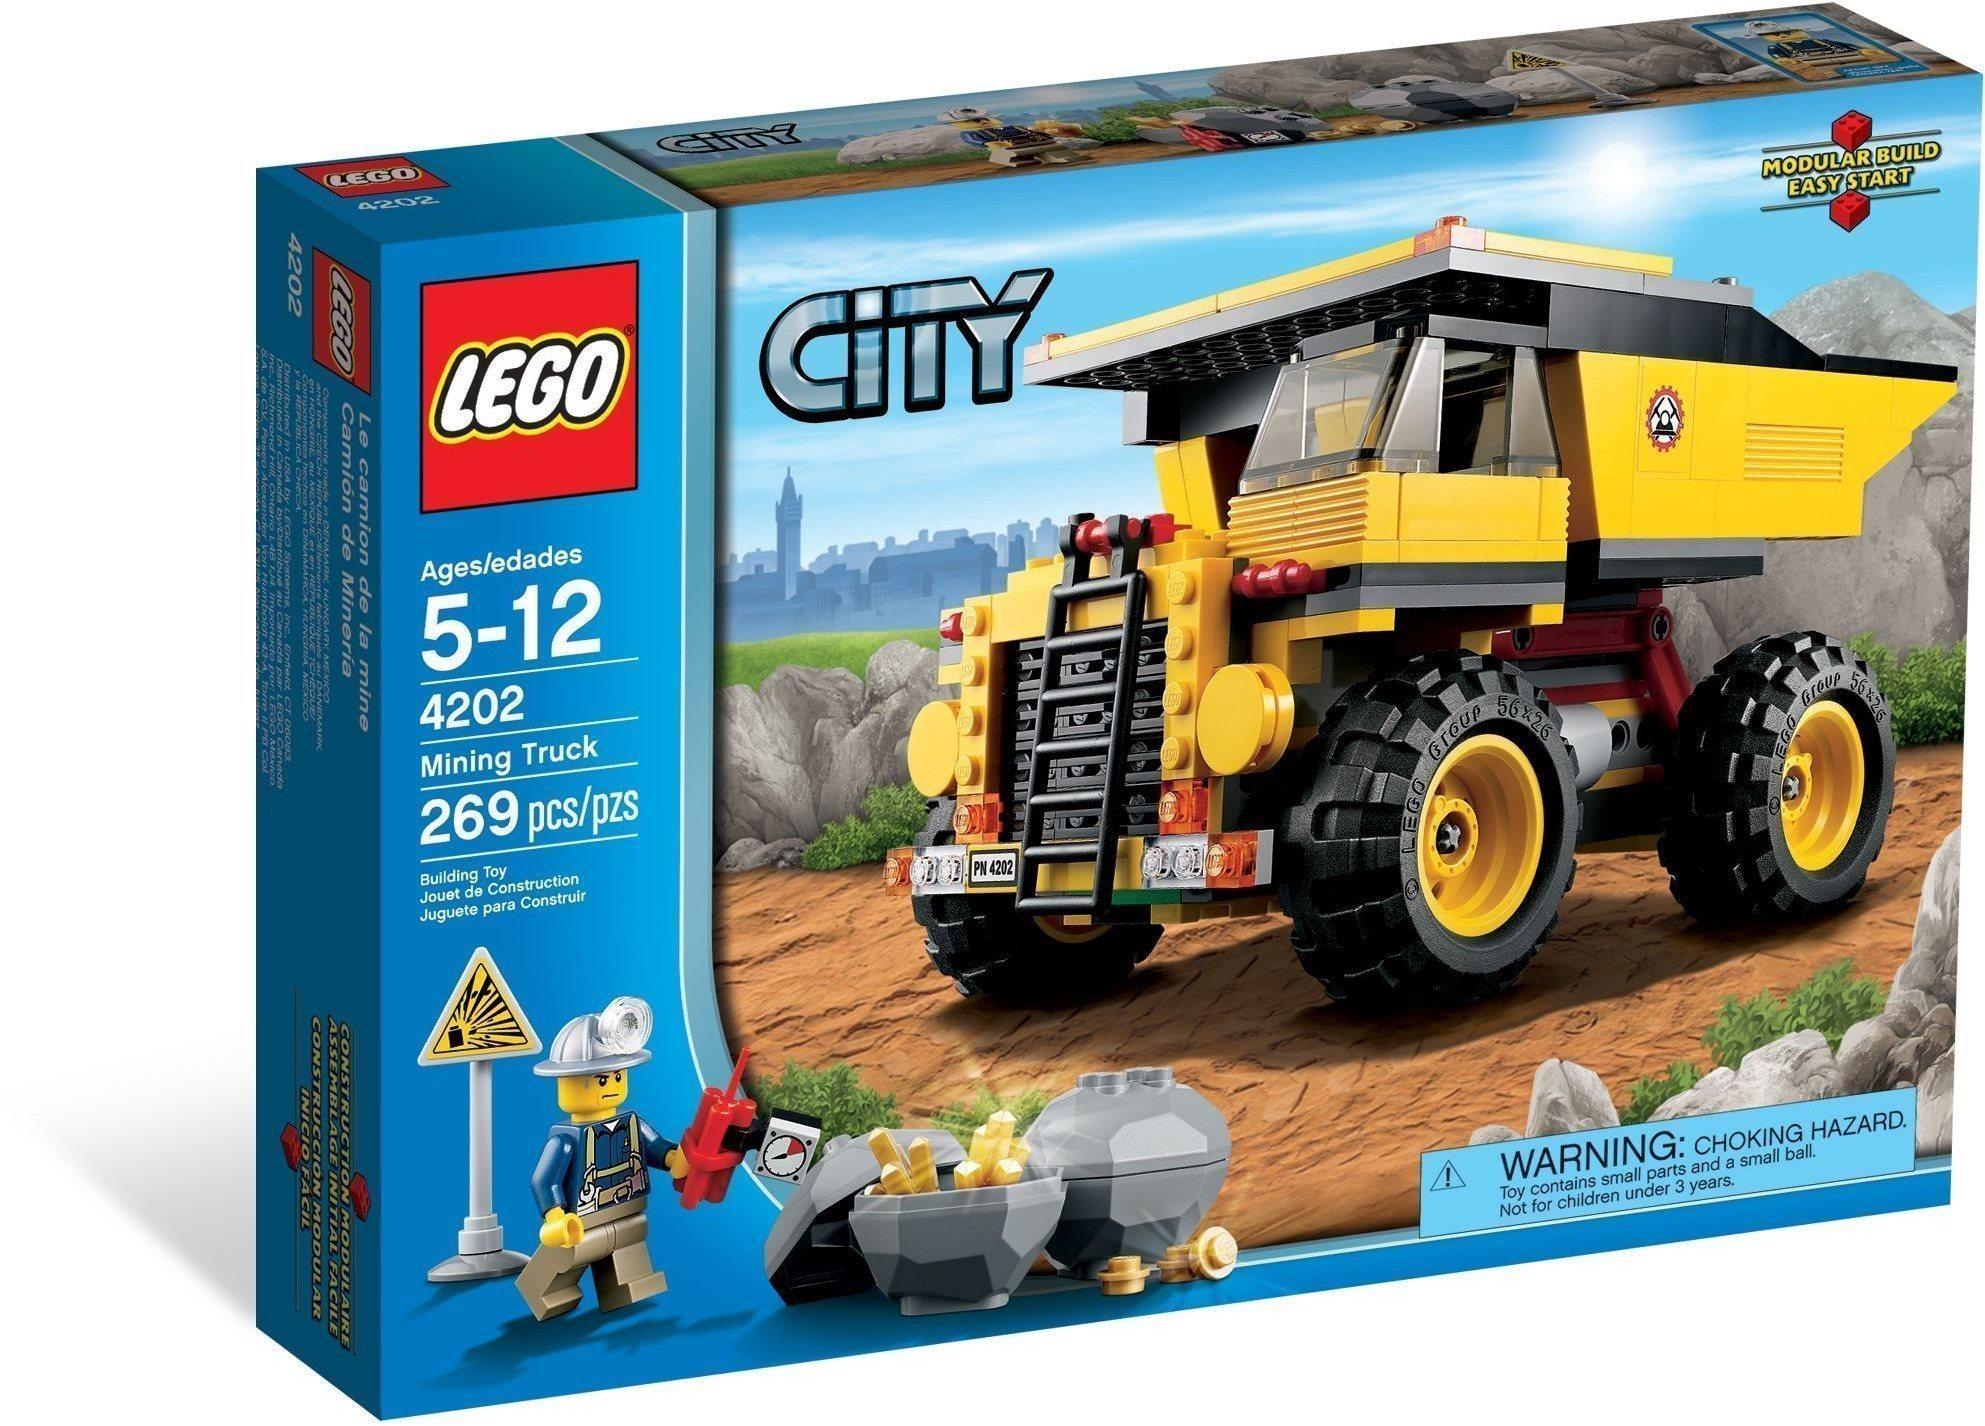 092ad6e47bbb LEGO City 4202 Mining Truck, raritet från år 20.. (356175558) ᐈ Köp ...